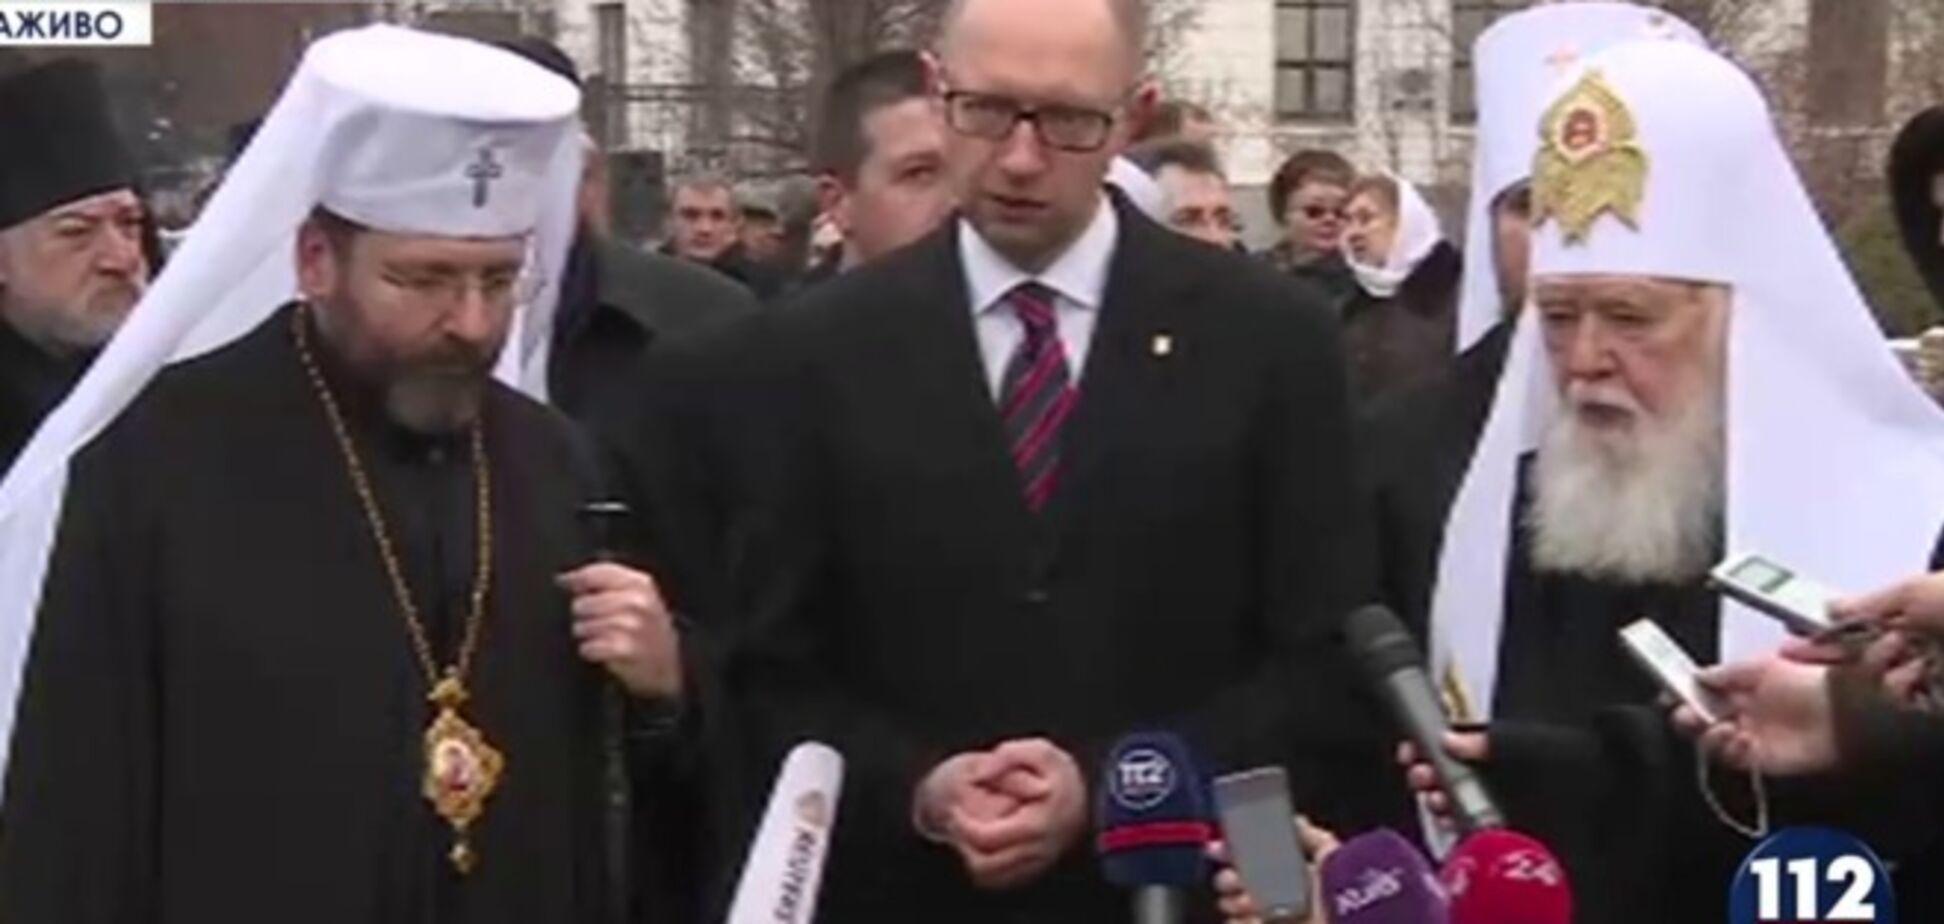 Яценюк возложил ответственность за обстрел донецкой остановки на Россию